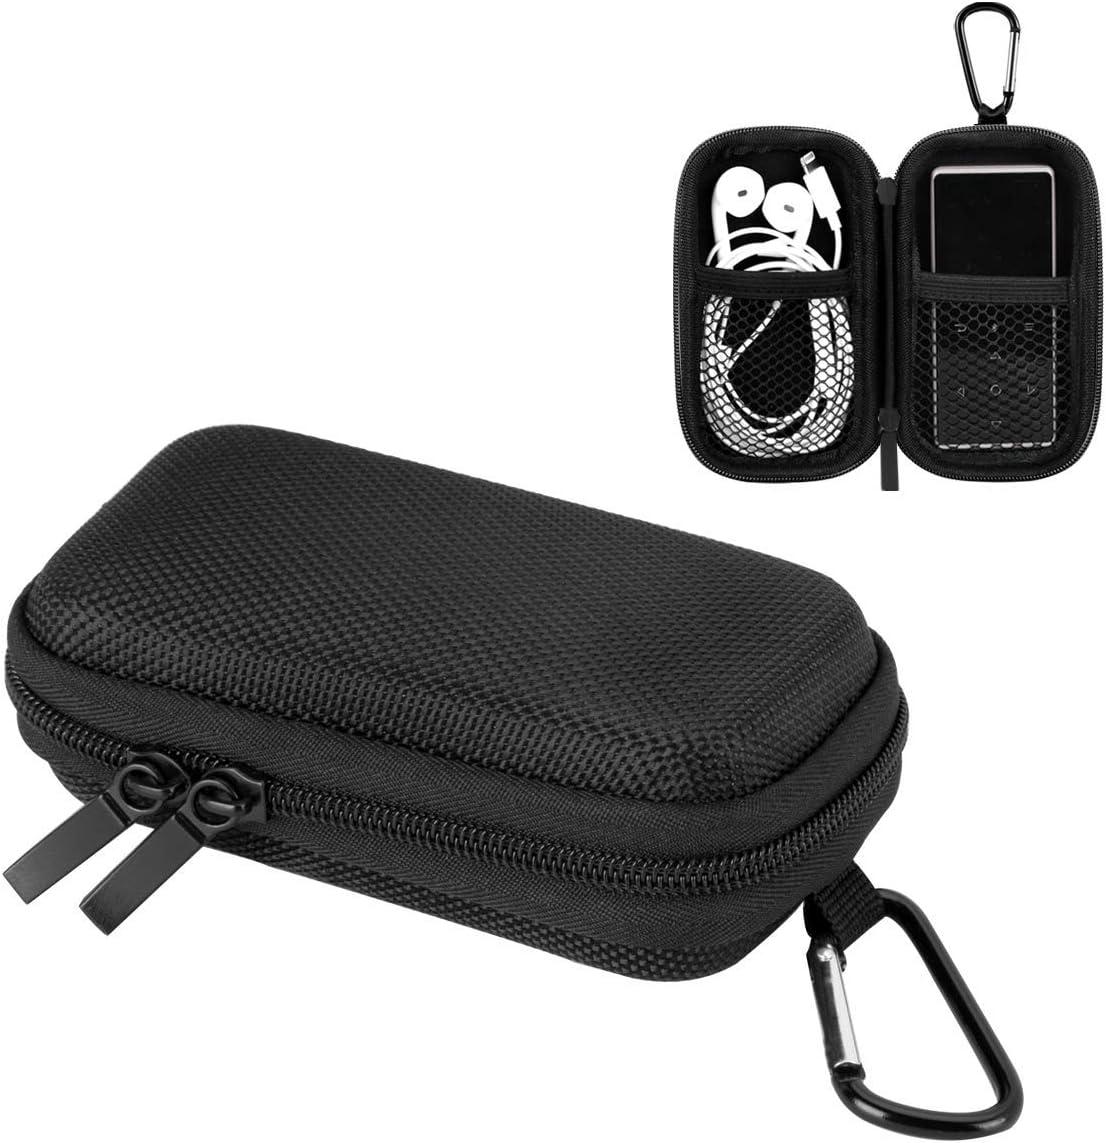 AGPTEK - Funda para Reproductor MP3 portátil con mosquetón de Metal para Reproductor MP3 de 1,8 cm, iPod Nano, iPod Shuffle, Color Negro